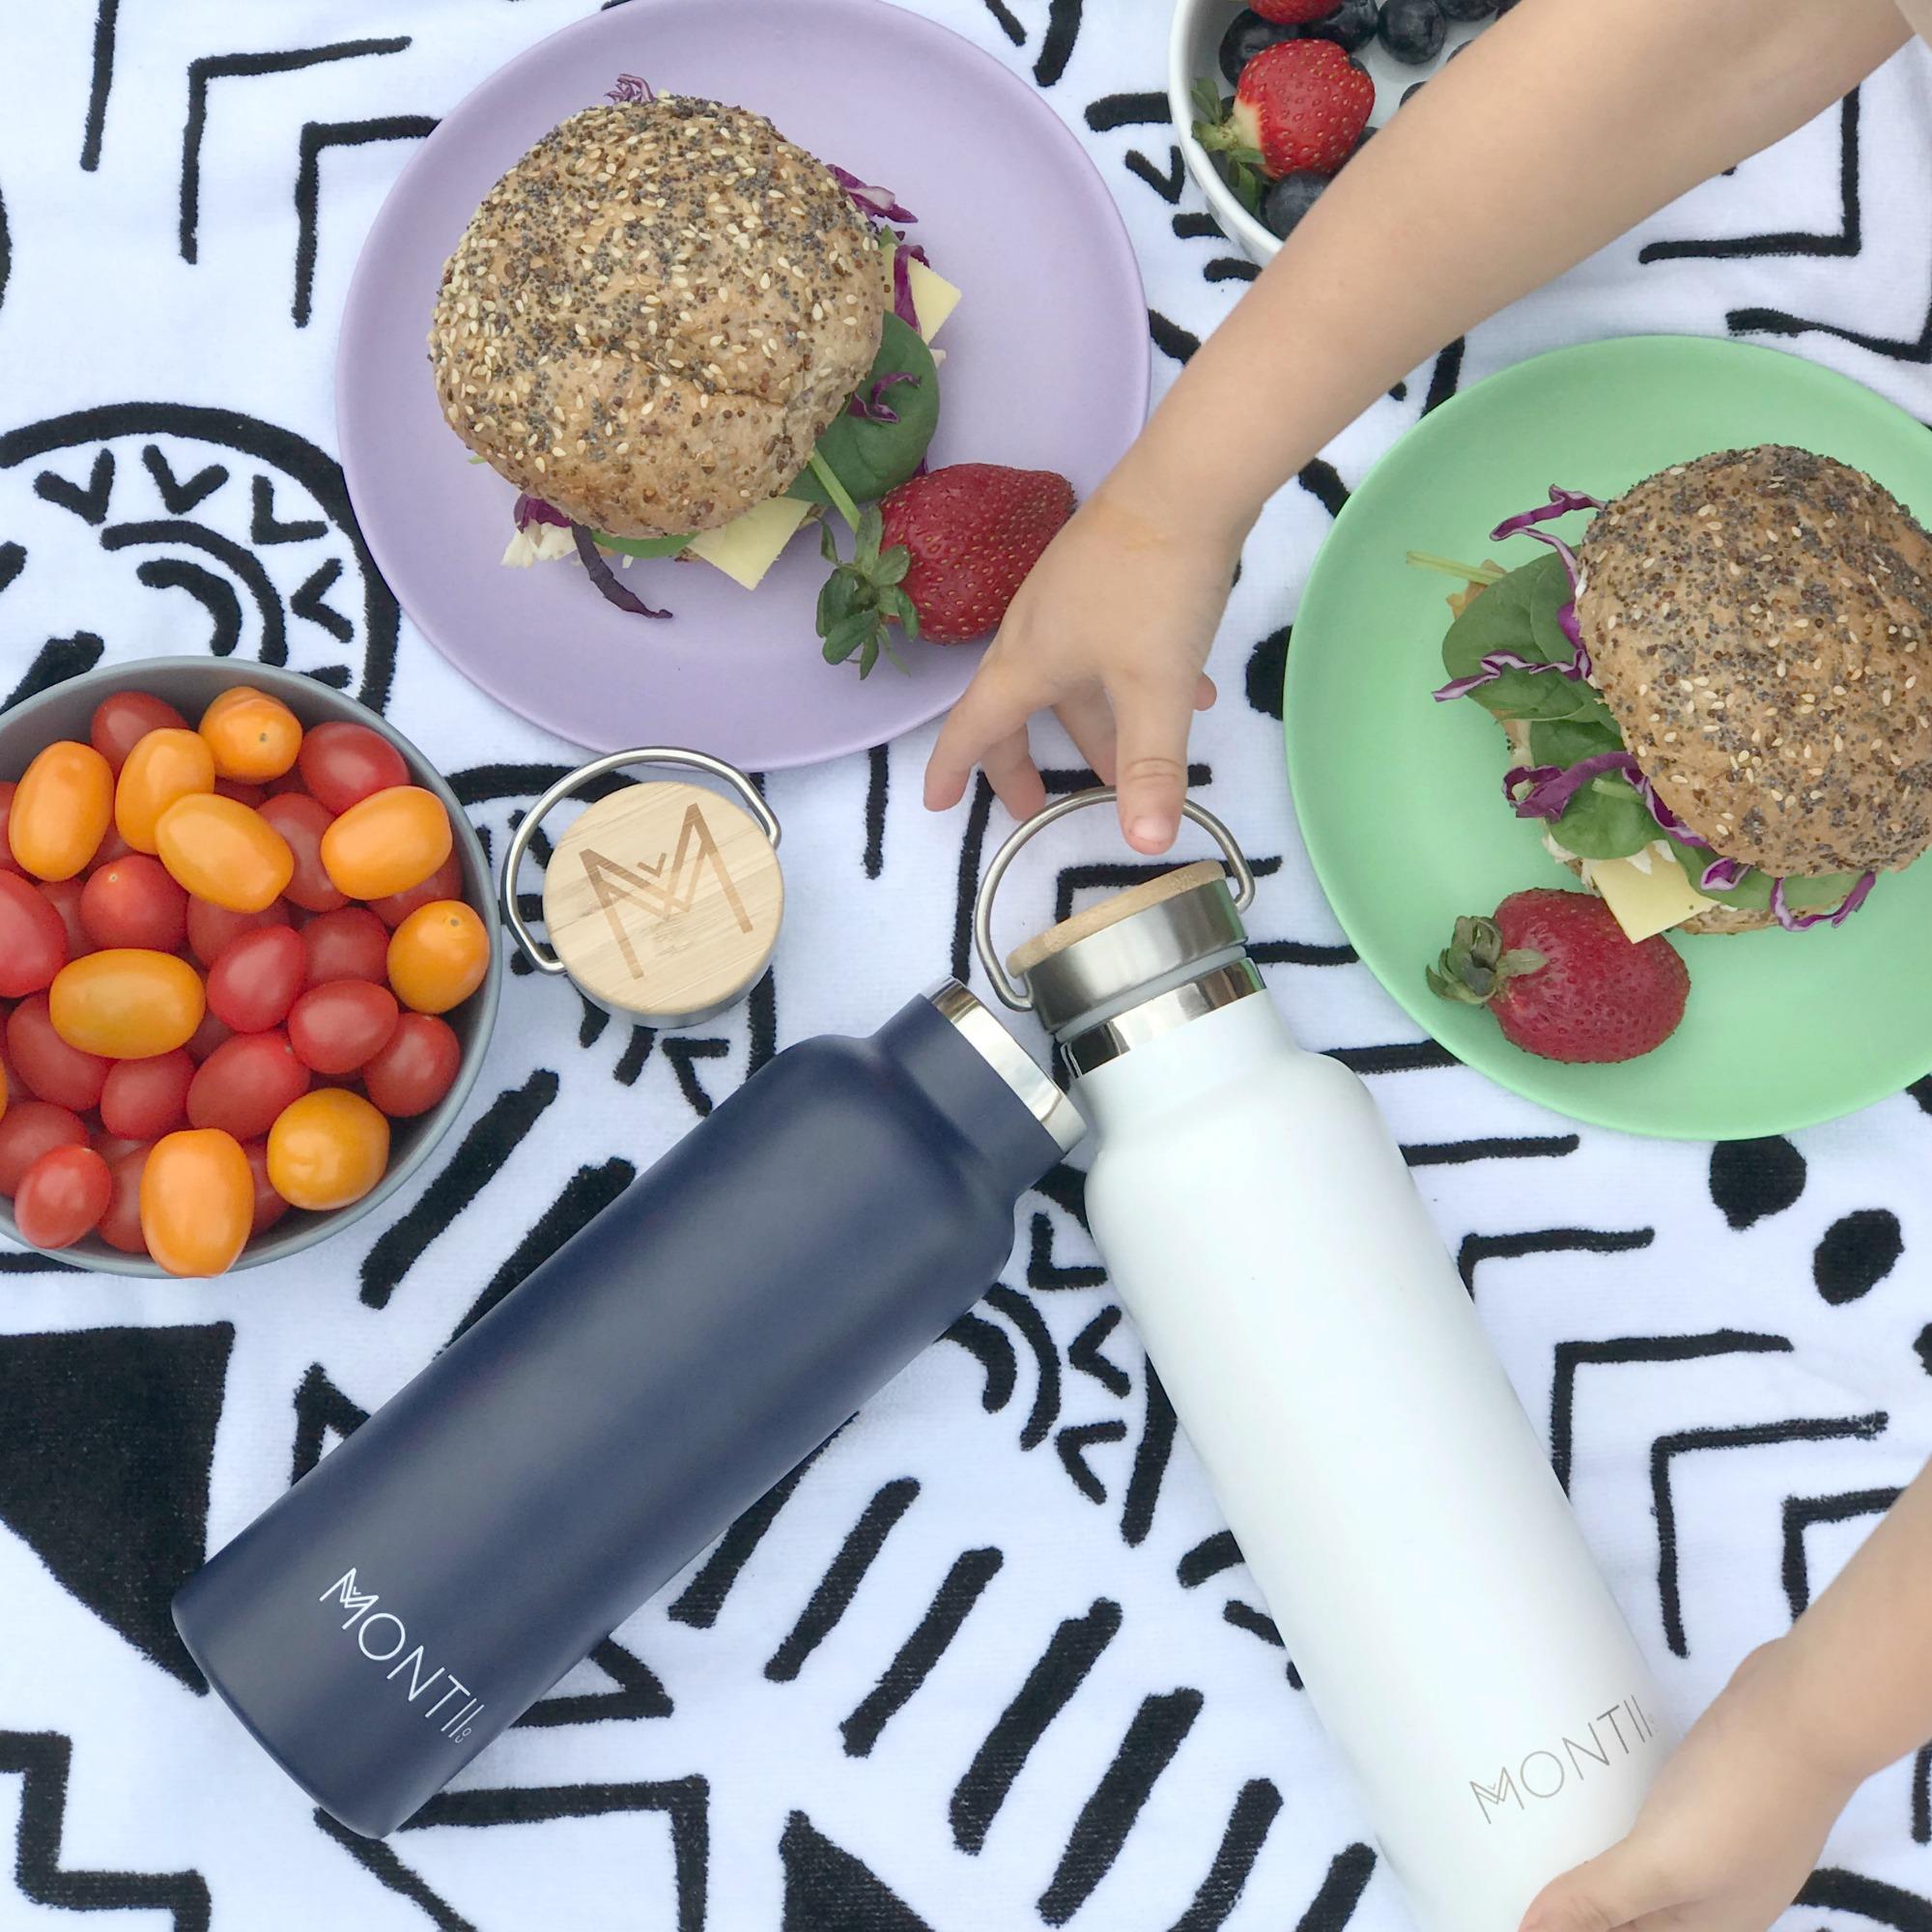 Montii Water Bottle